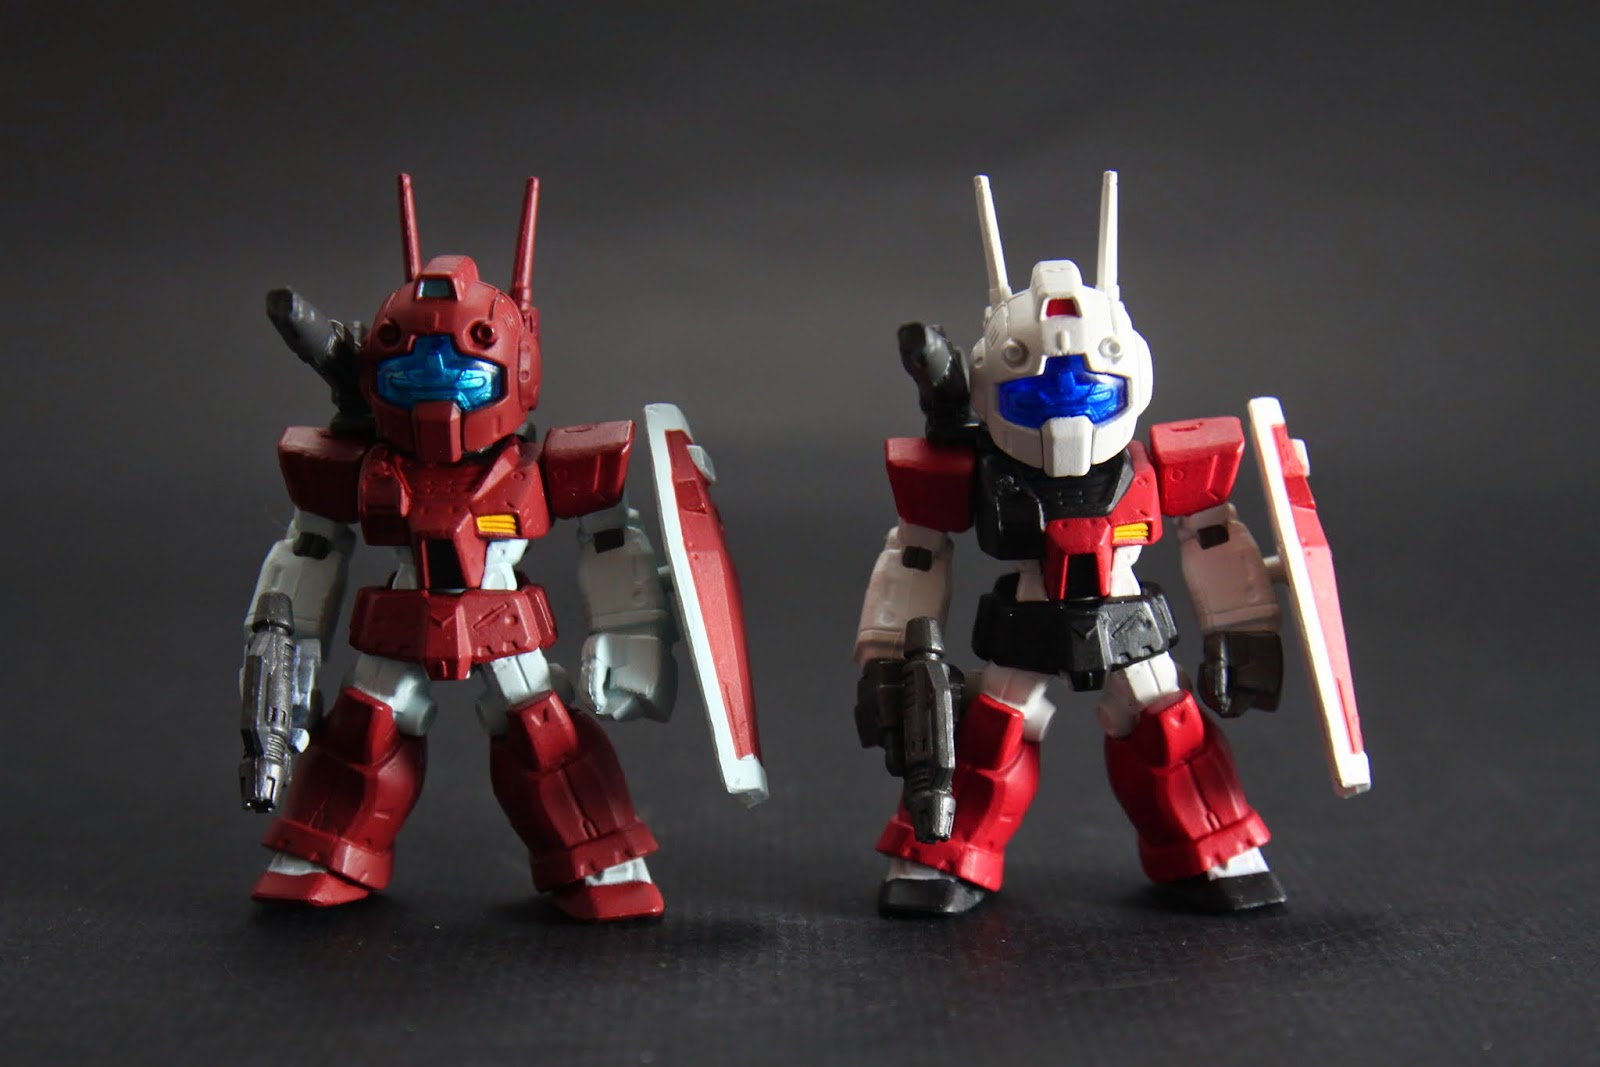 兩相比較一下 我覺得深紅色應該是啥特別部隊用的吧